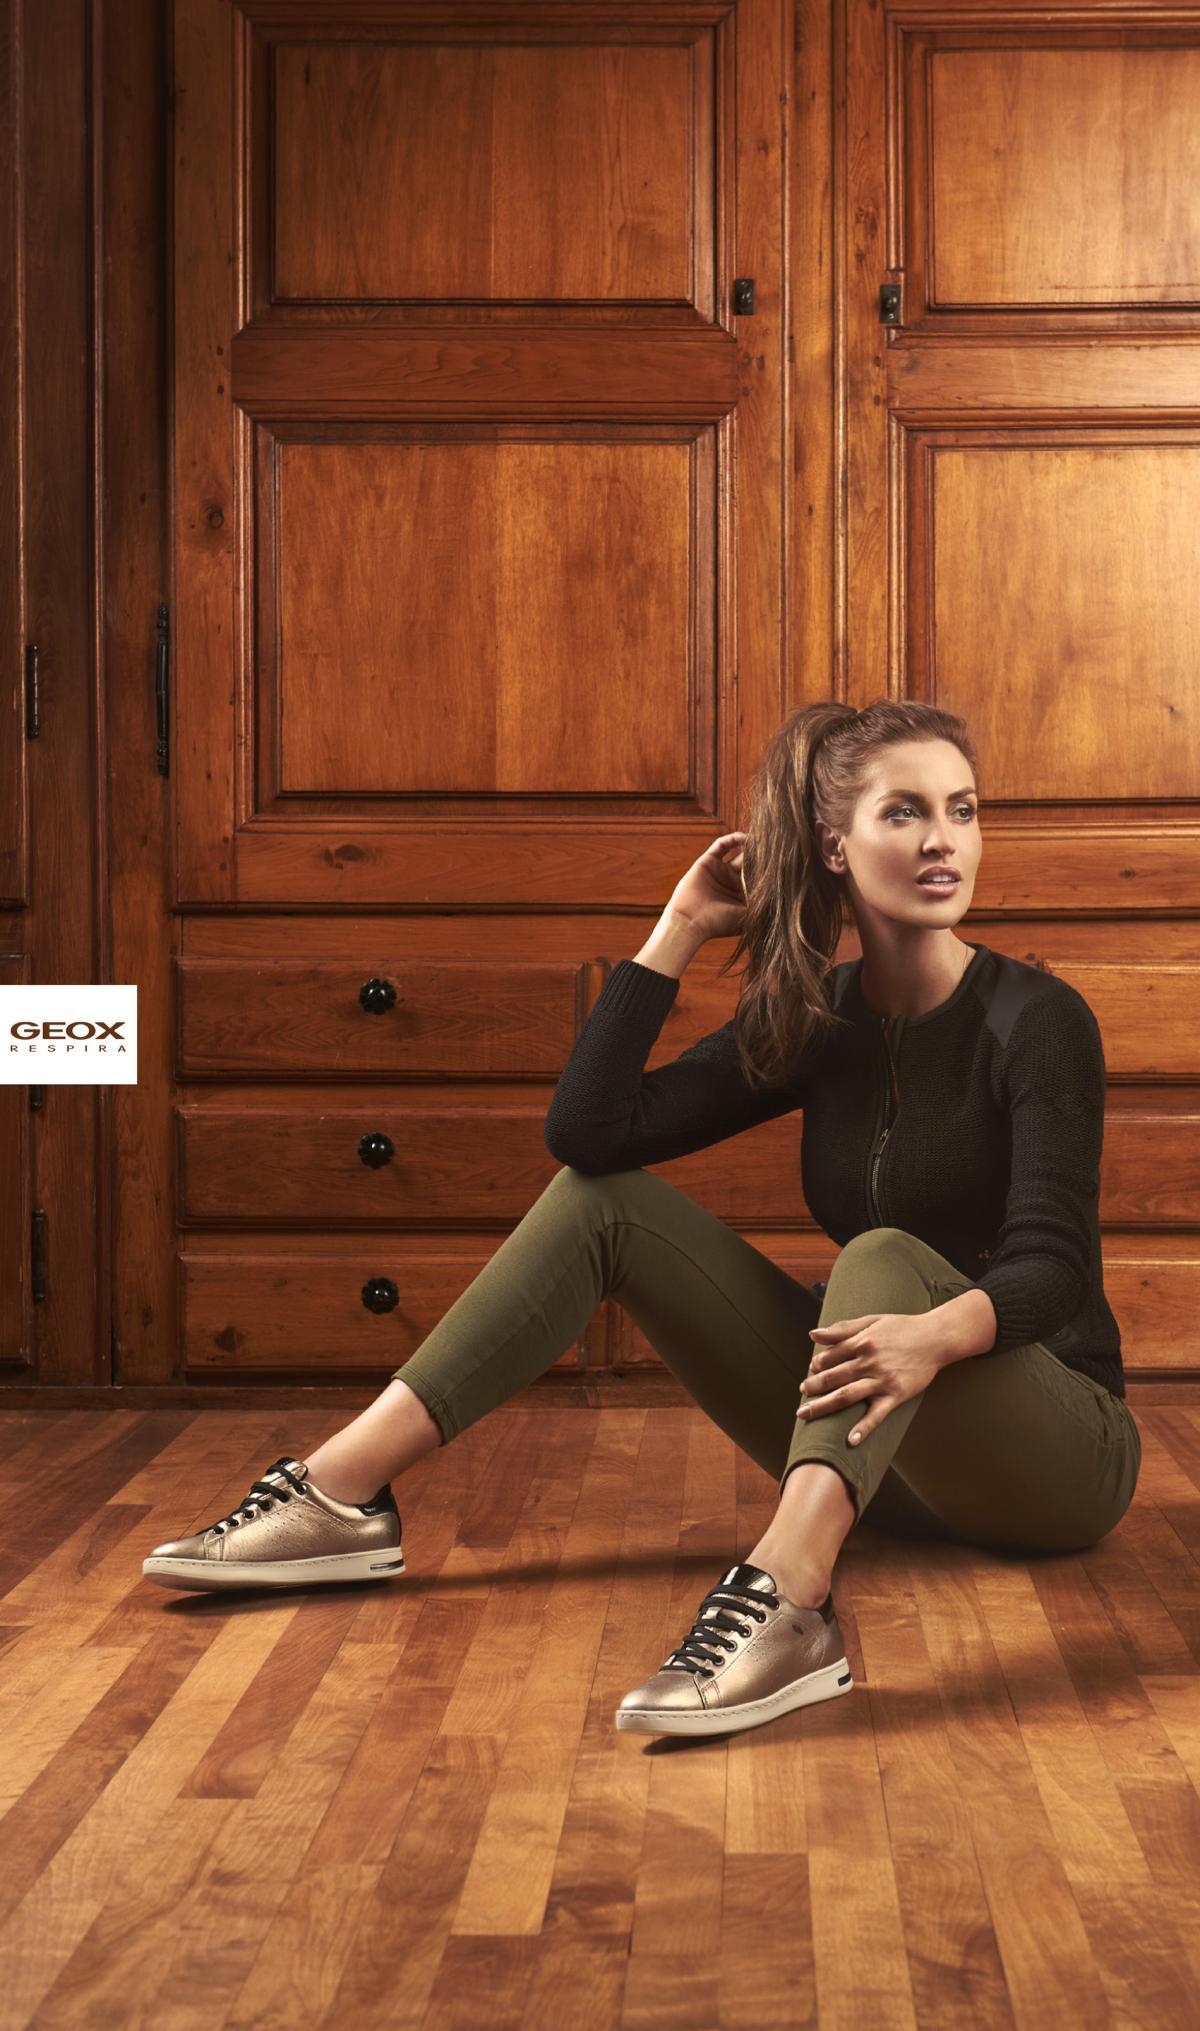 contrastes de couleurs et de mati res selon philippe labarre sorel tracy et cie actualit s. Black Bedroom Furniture Sets. Home Design Ideas